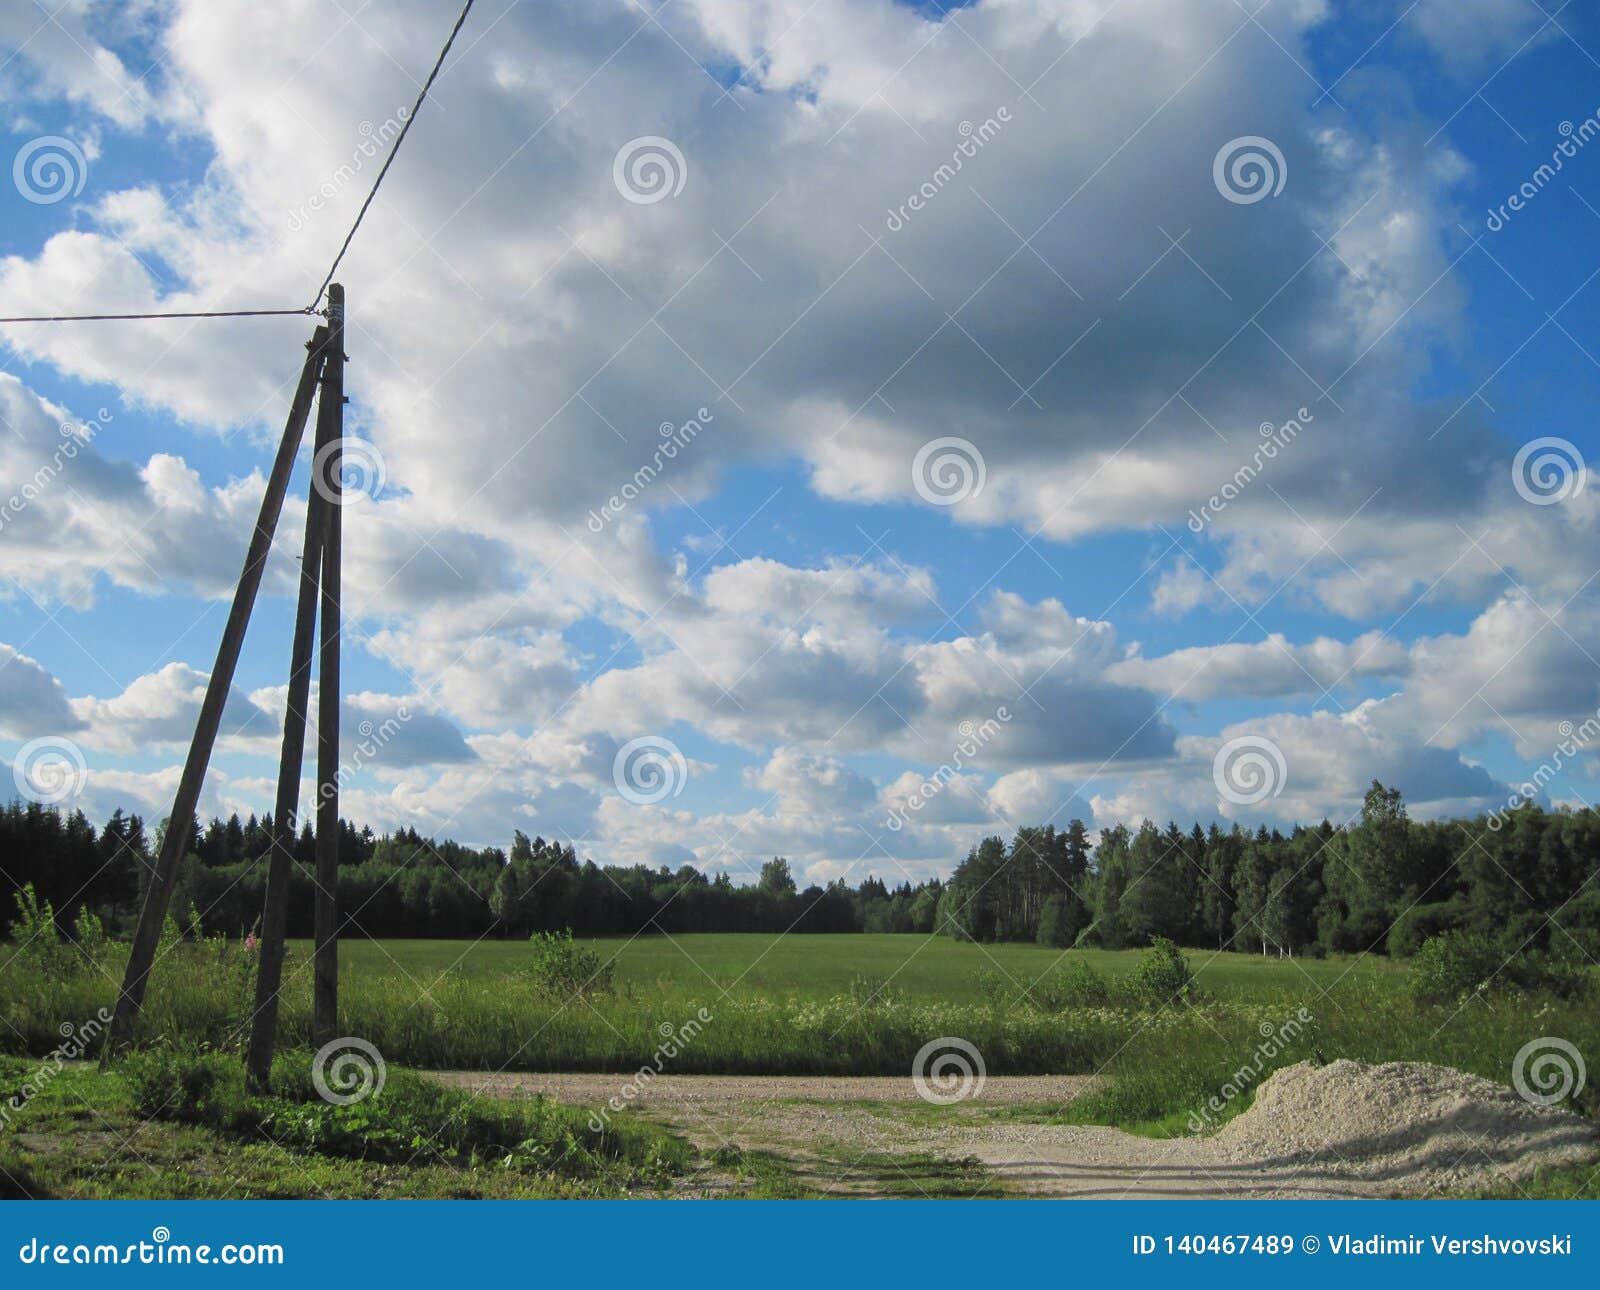 Poteau électrique debout isolé sur une route de campagne